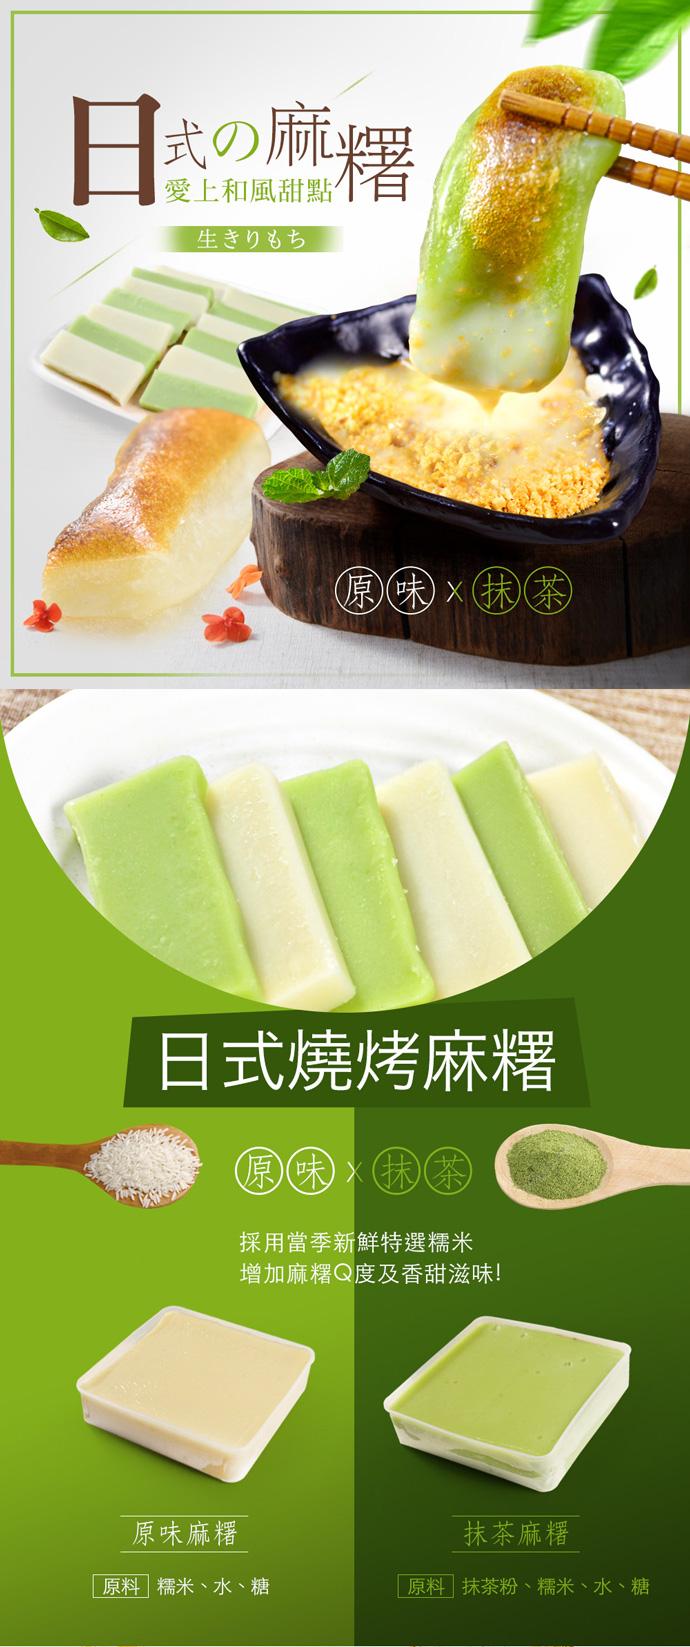 日式麻糬,碳烤麻糬,麻糬點心,抹茶麻糬,下午茶甜點,燒烤麻糬,烤肉麻糬